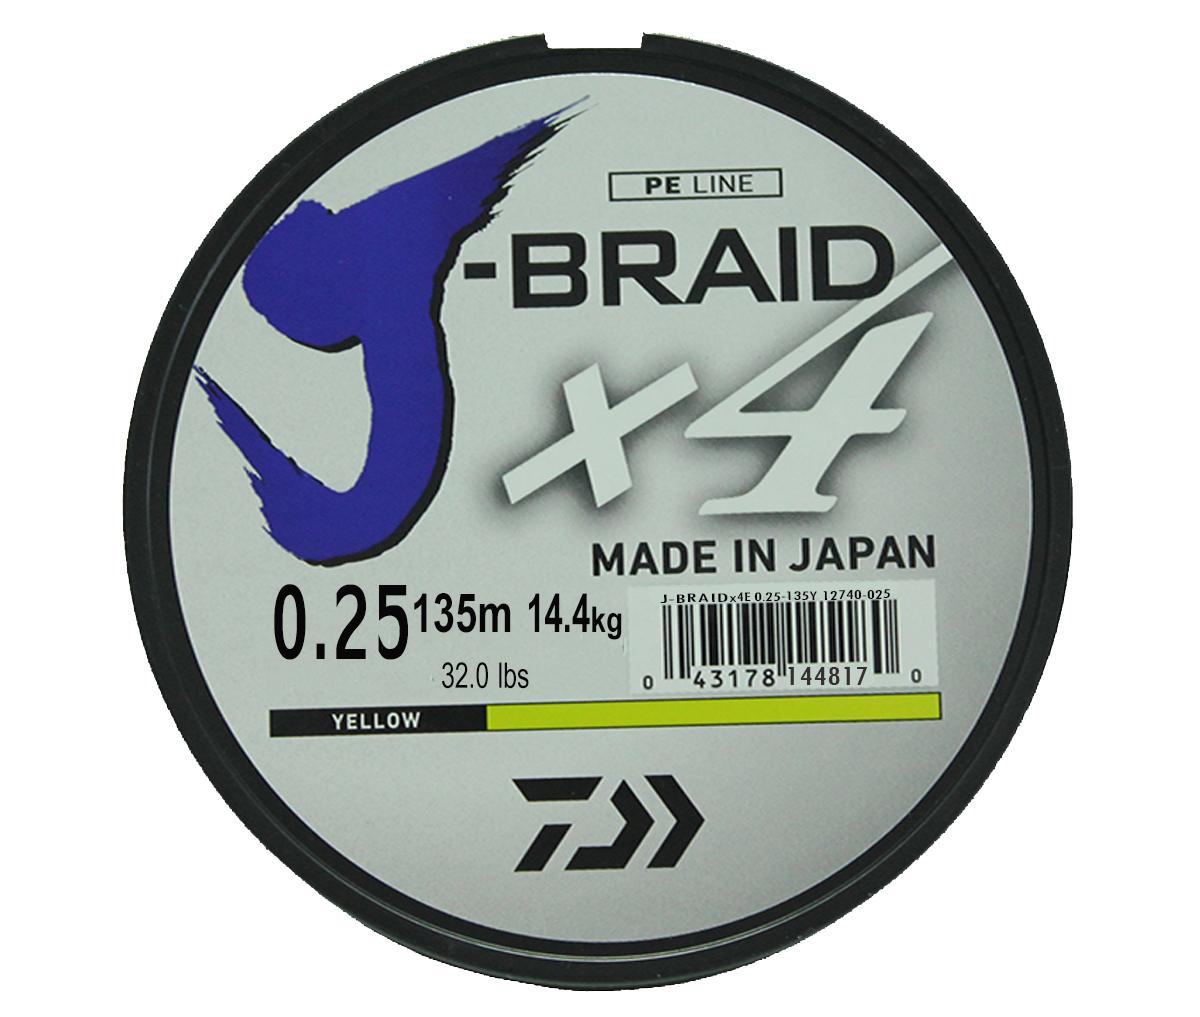 Шнур плетеный Daiwa J-Braid X4, цвет: флуоресцентный желтый, 135 м, 0,25 мм 13561142Новый 4х жильный шнур J-Braid, DAIWA - шнур высокого класса с удивительным соотношением цены и качества. Качество плетения полностьюсоответствует японским стандартам и удовлетворяет всем требованиям. Представленные диаметры позволяют использовать шнур для всех техникловли, начиная от ultra- light ловли окуня, до морской ловли палтуса, трески и т.д